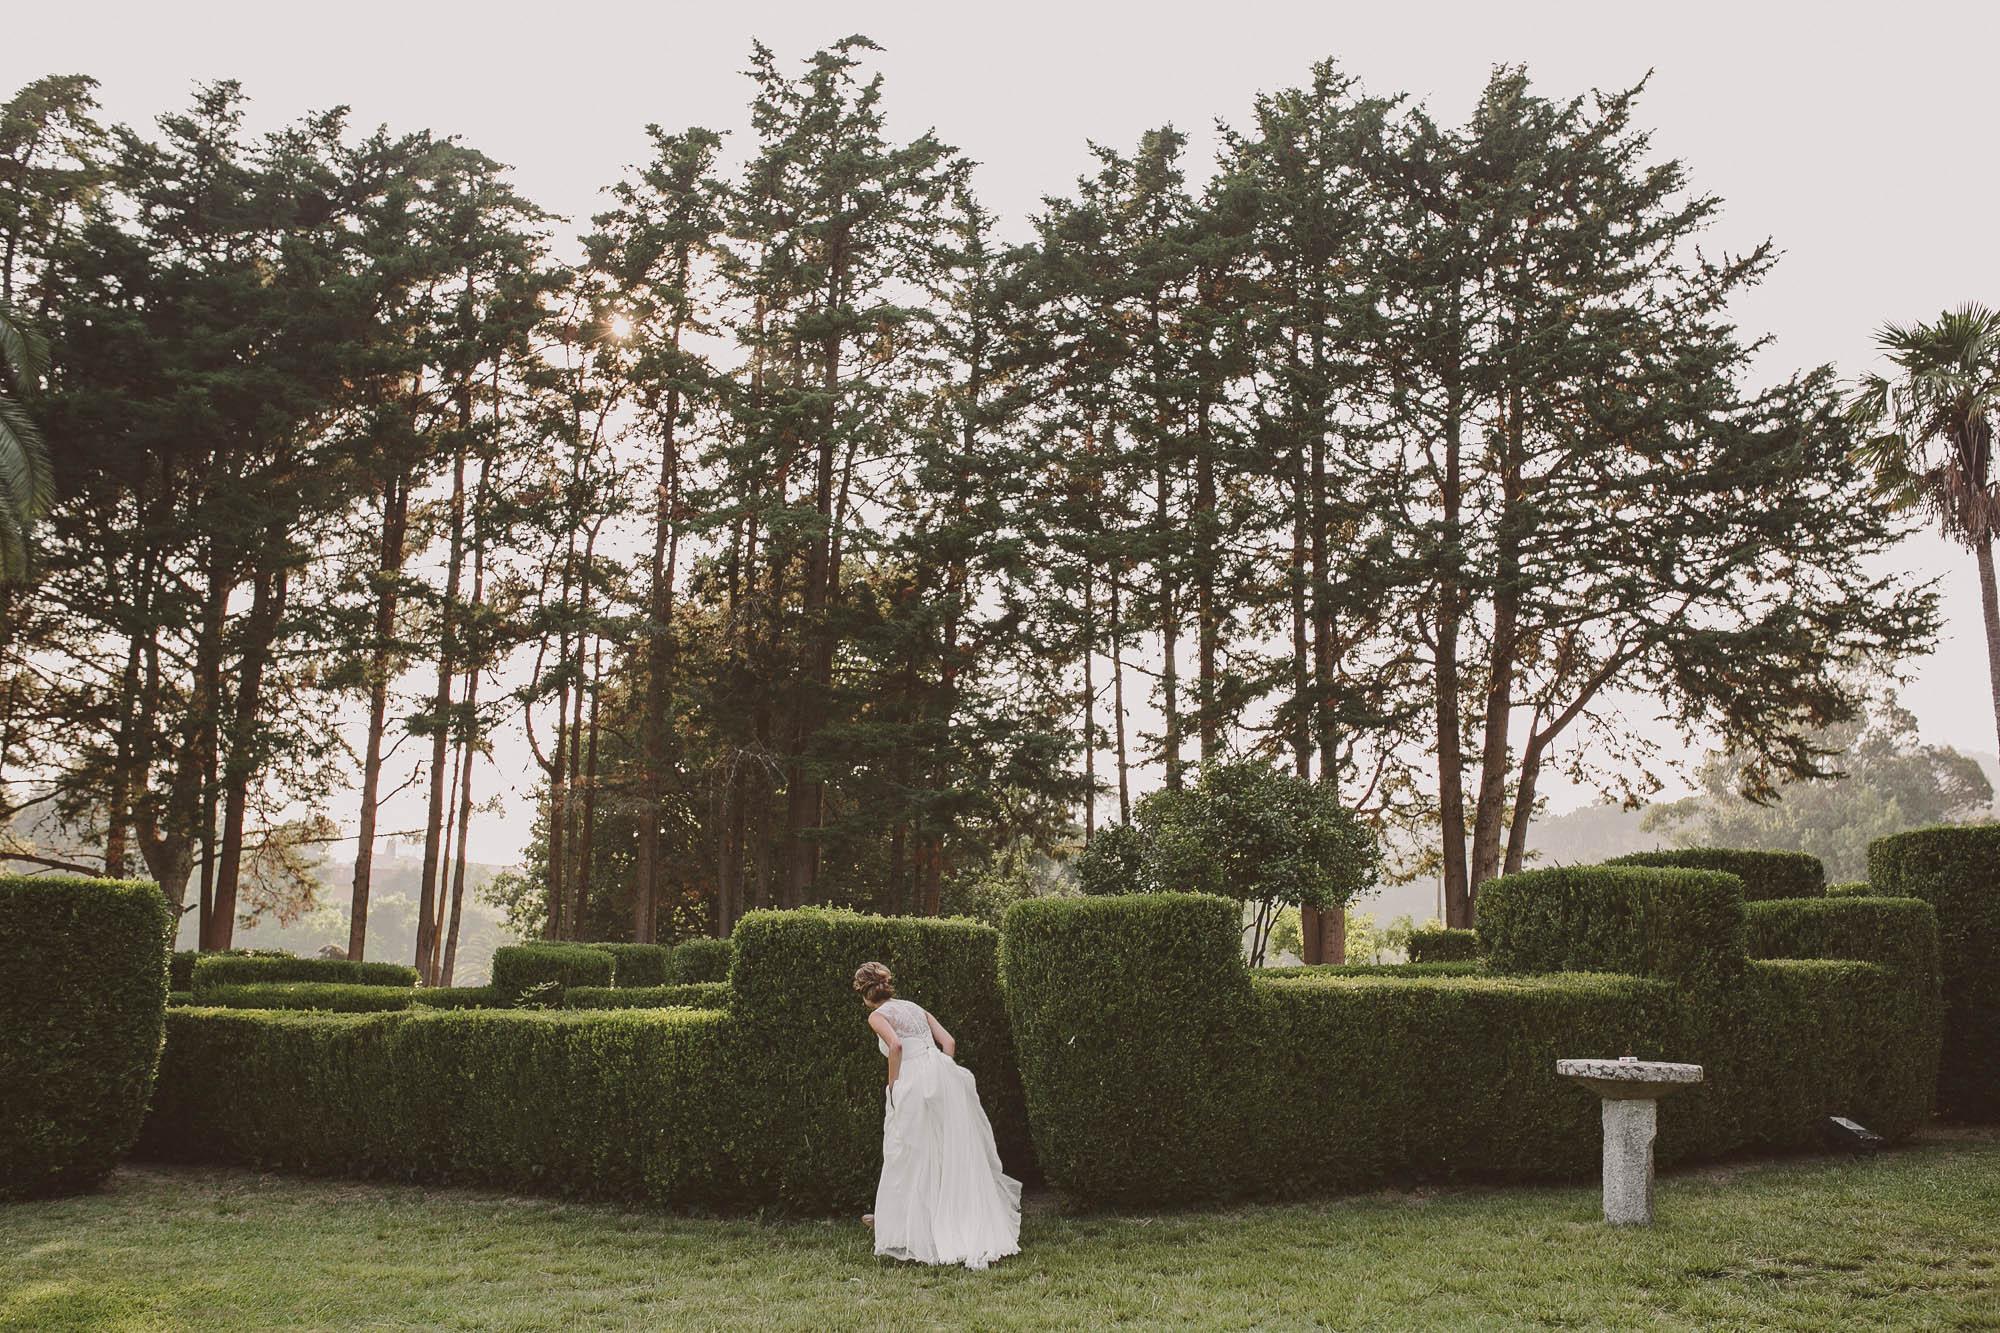 La novia pasea por el jardín de la finca el día de la boda